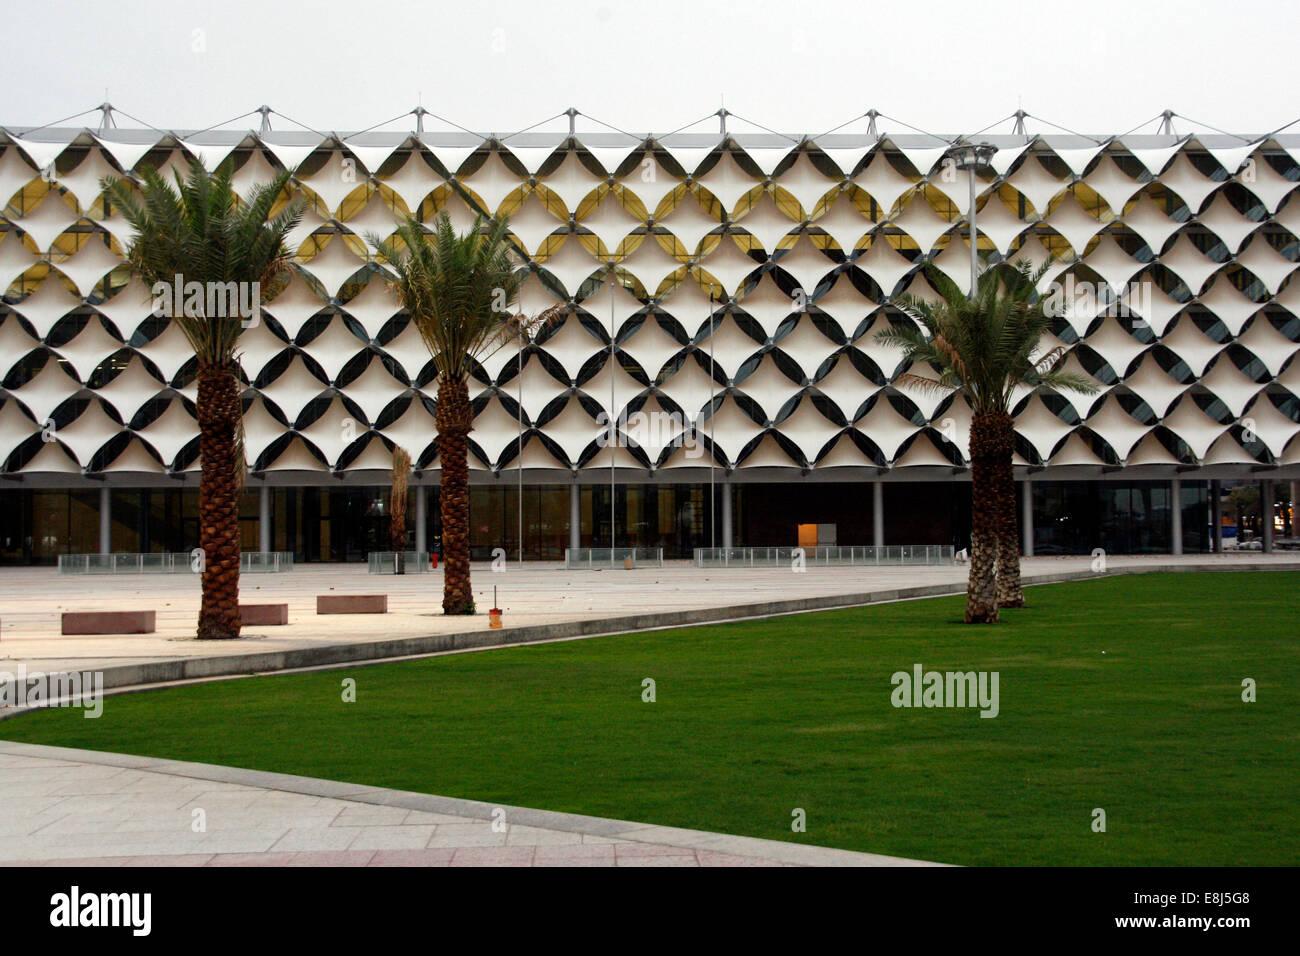 Fachada de King Fahad National Library en Riyadh, Arabia Saudita Imagen De Stock